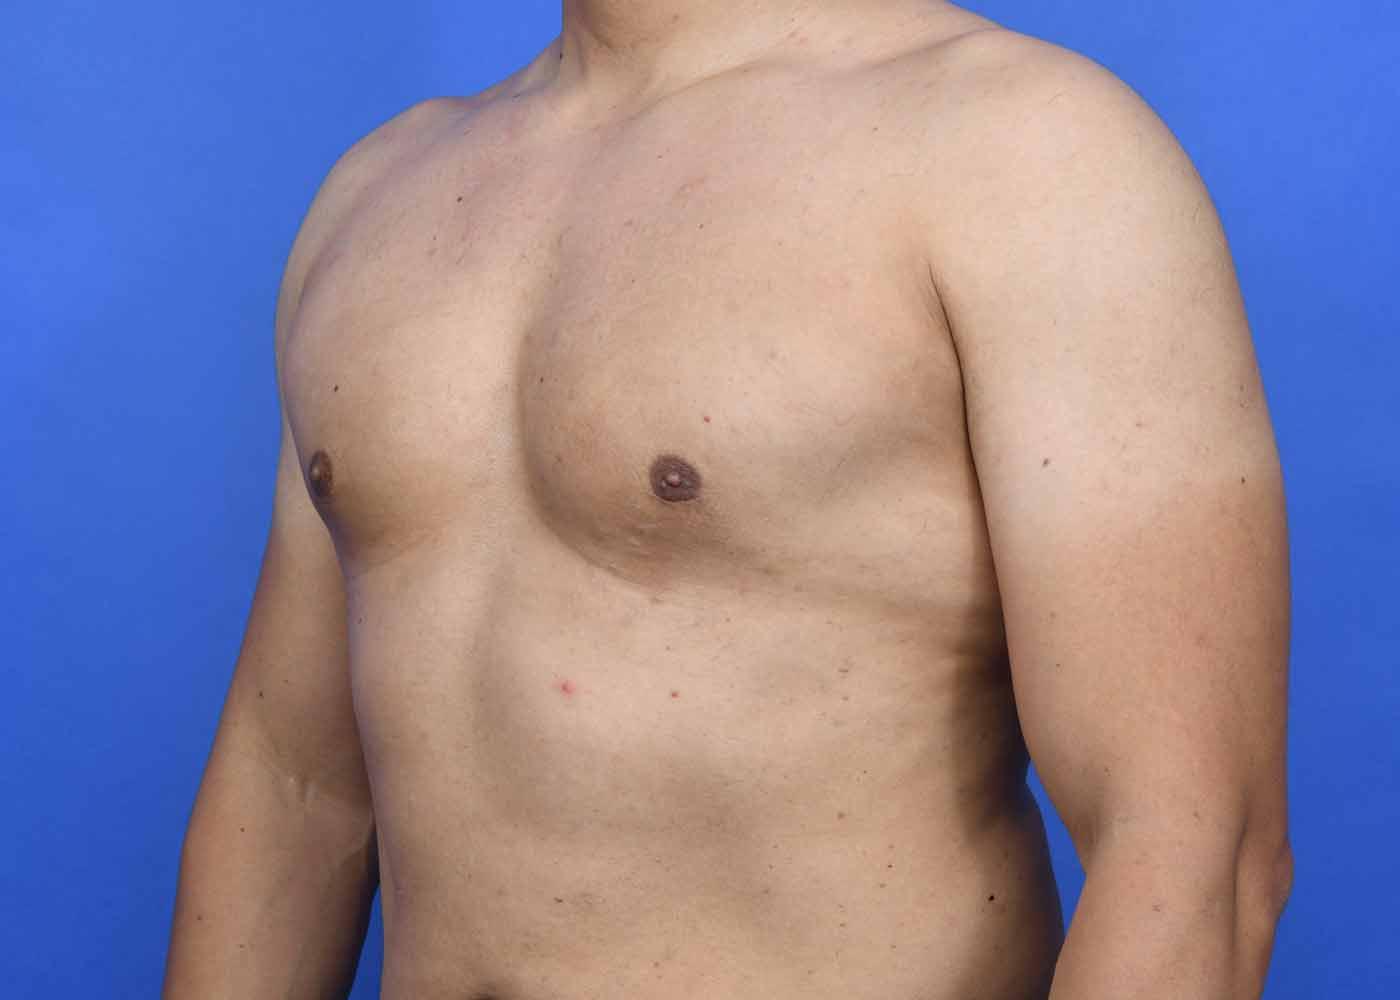 Гинекомастия у спортсменов и бодибилдеров после курса стероидов: что это, препараты, признаки, как избежать, лечение | романов георгий никитич